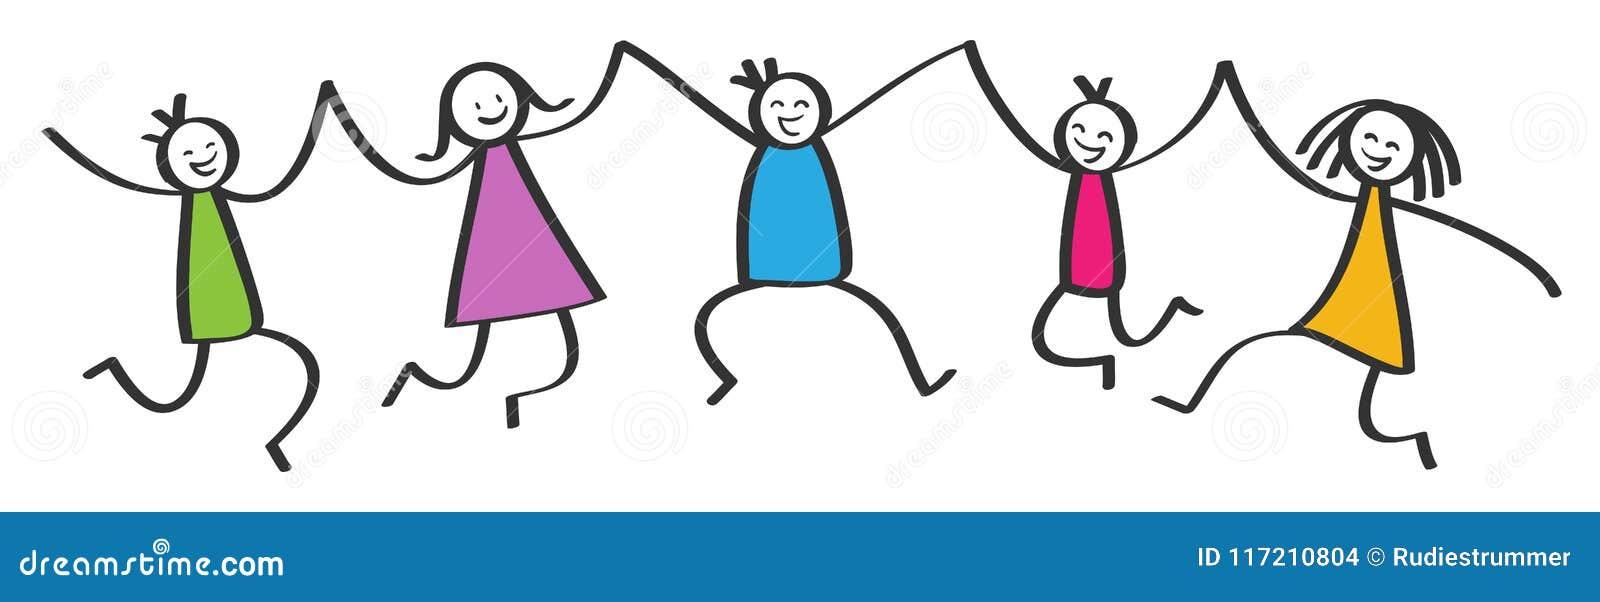 Proste kij postacie, pięć szczęśliwych kolorowych dzieciaków skacze, trzymający rękę, uśmiechnięty i roześmiany